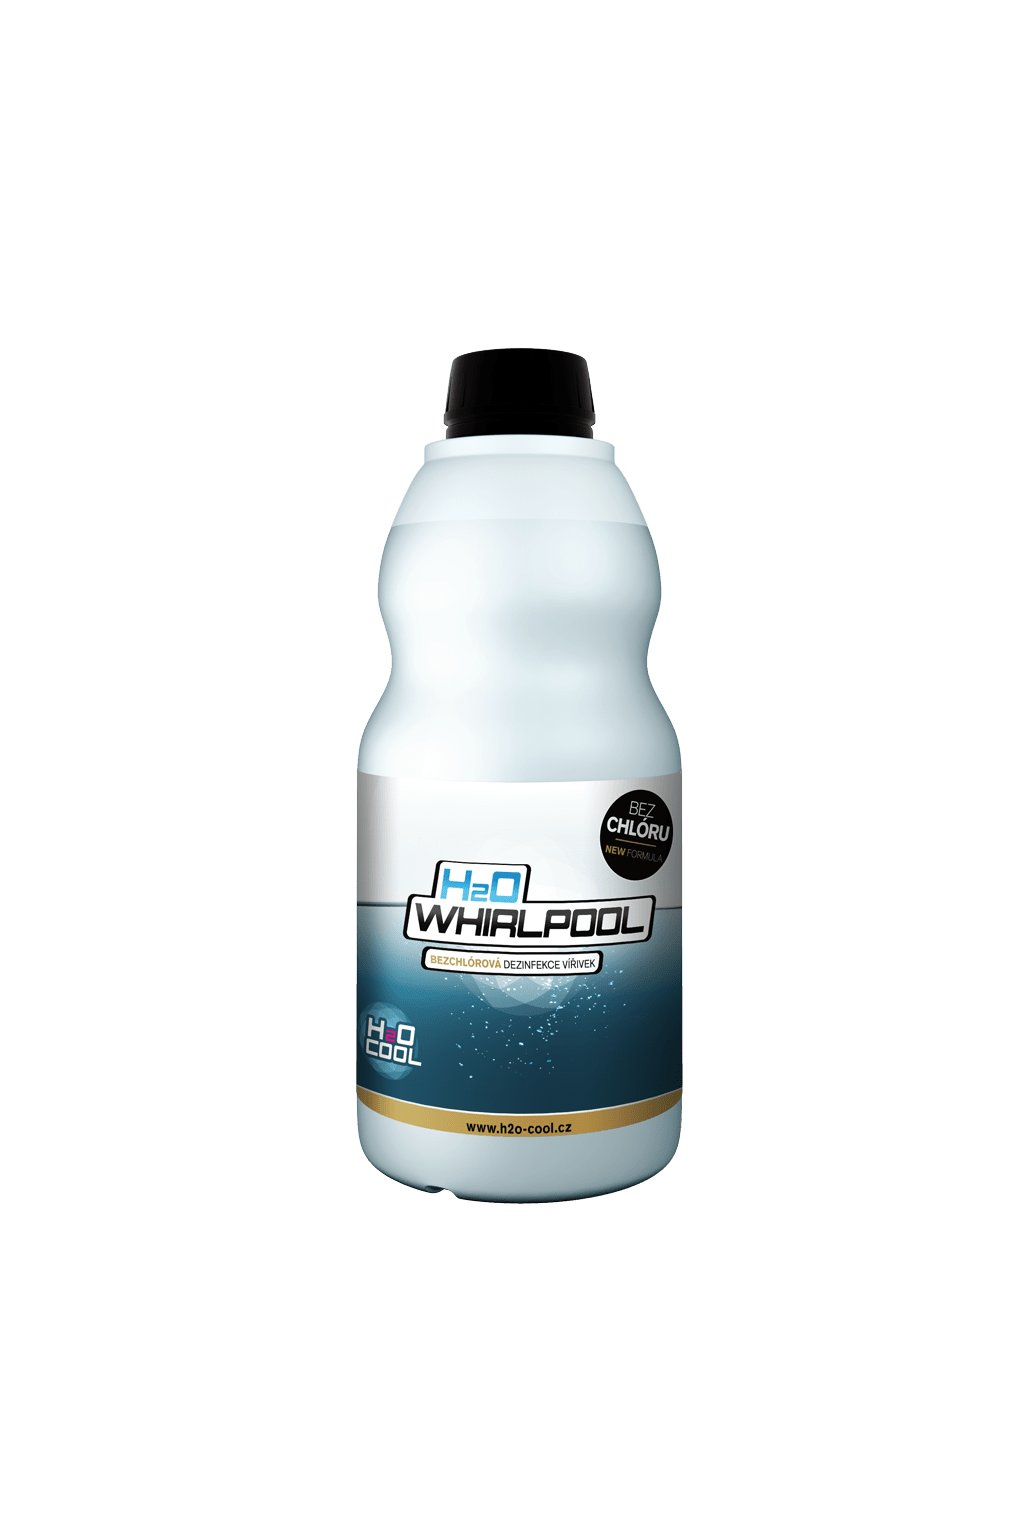 13 bezchlorova dezinfekce vody pro vyrivky h2o whirlpool